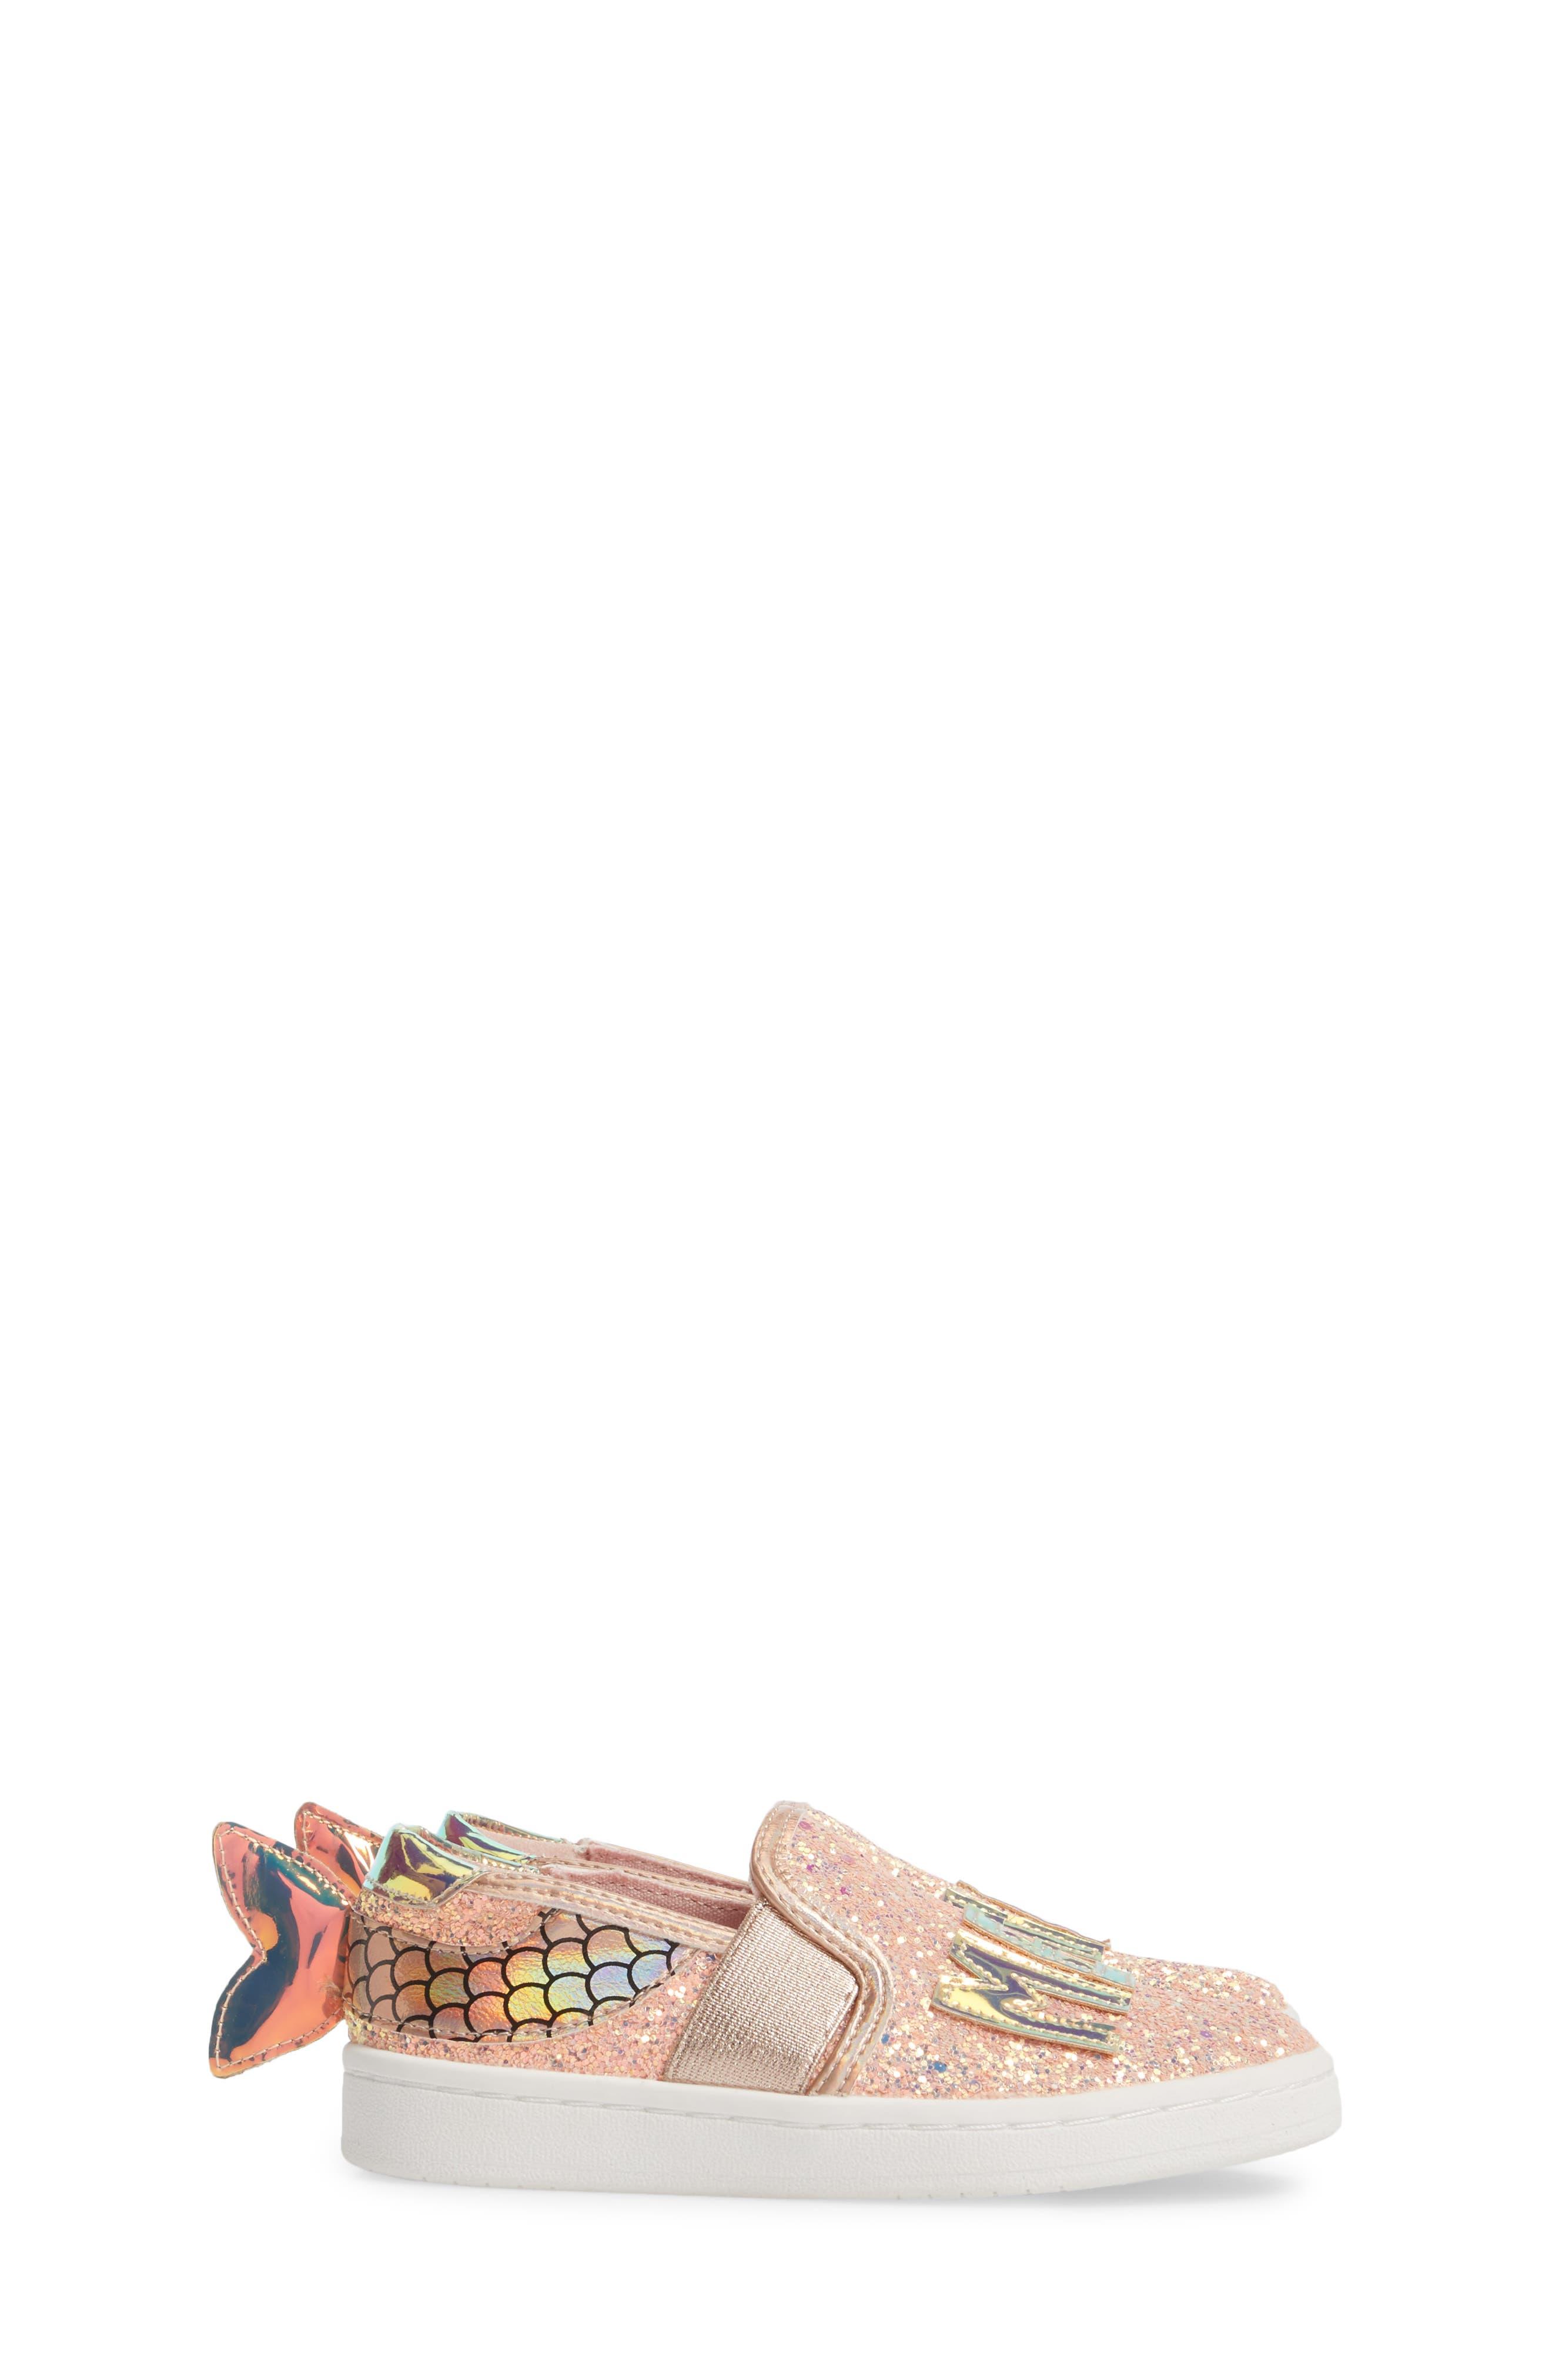 Blane Slip-On Sneaker,                             Alternate thumbnail 4, color,                             220